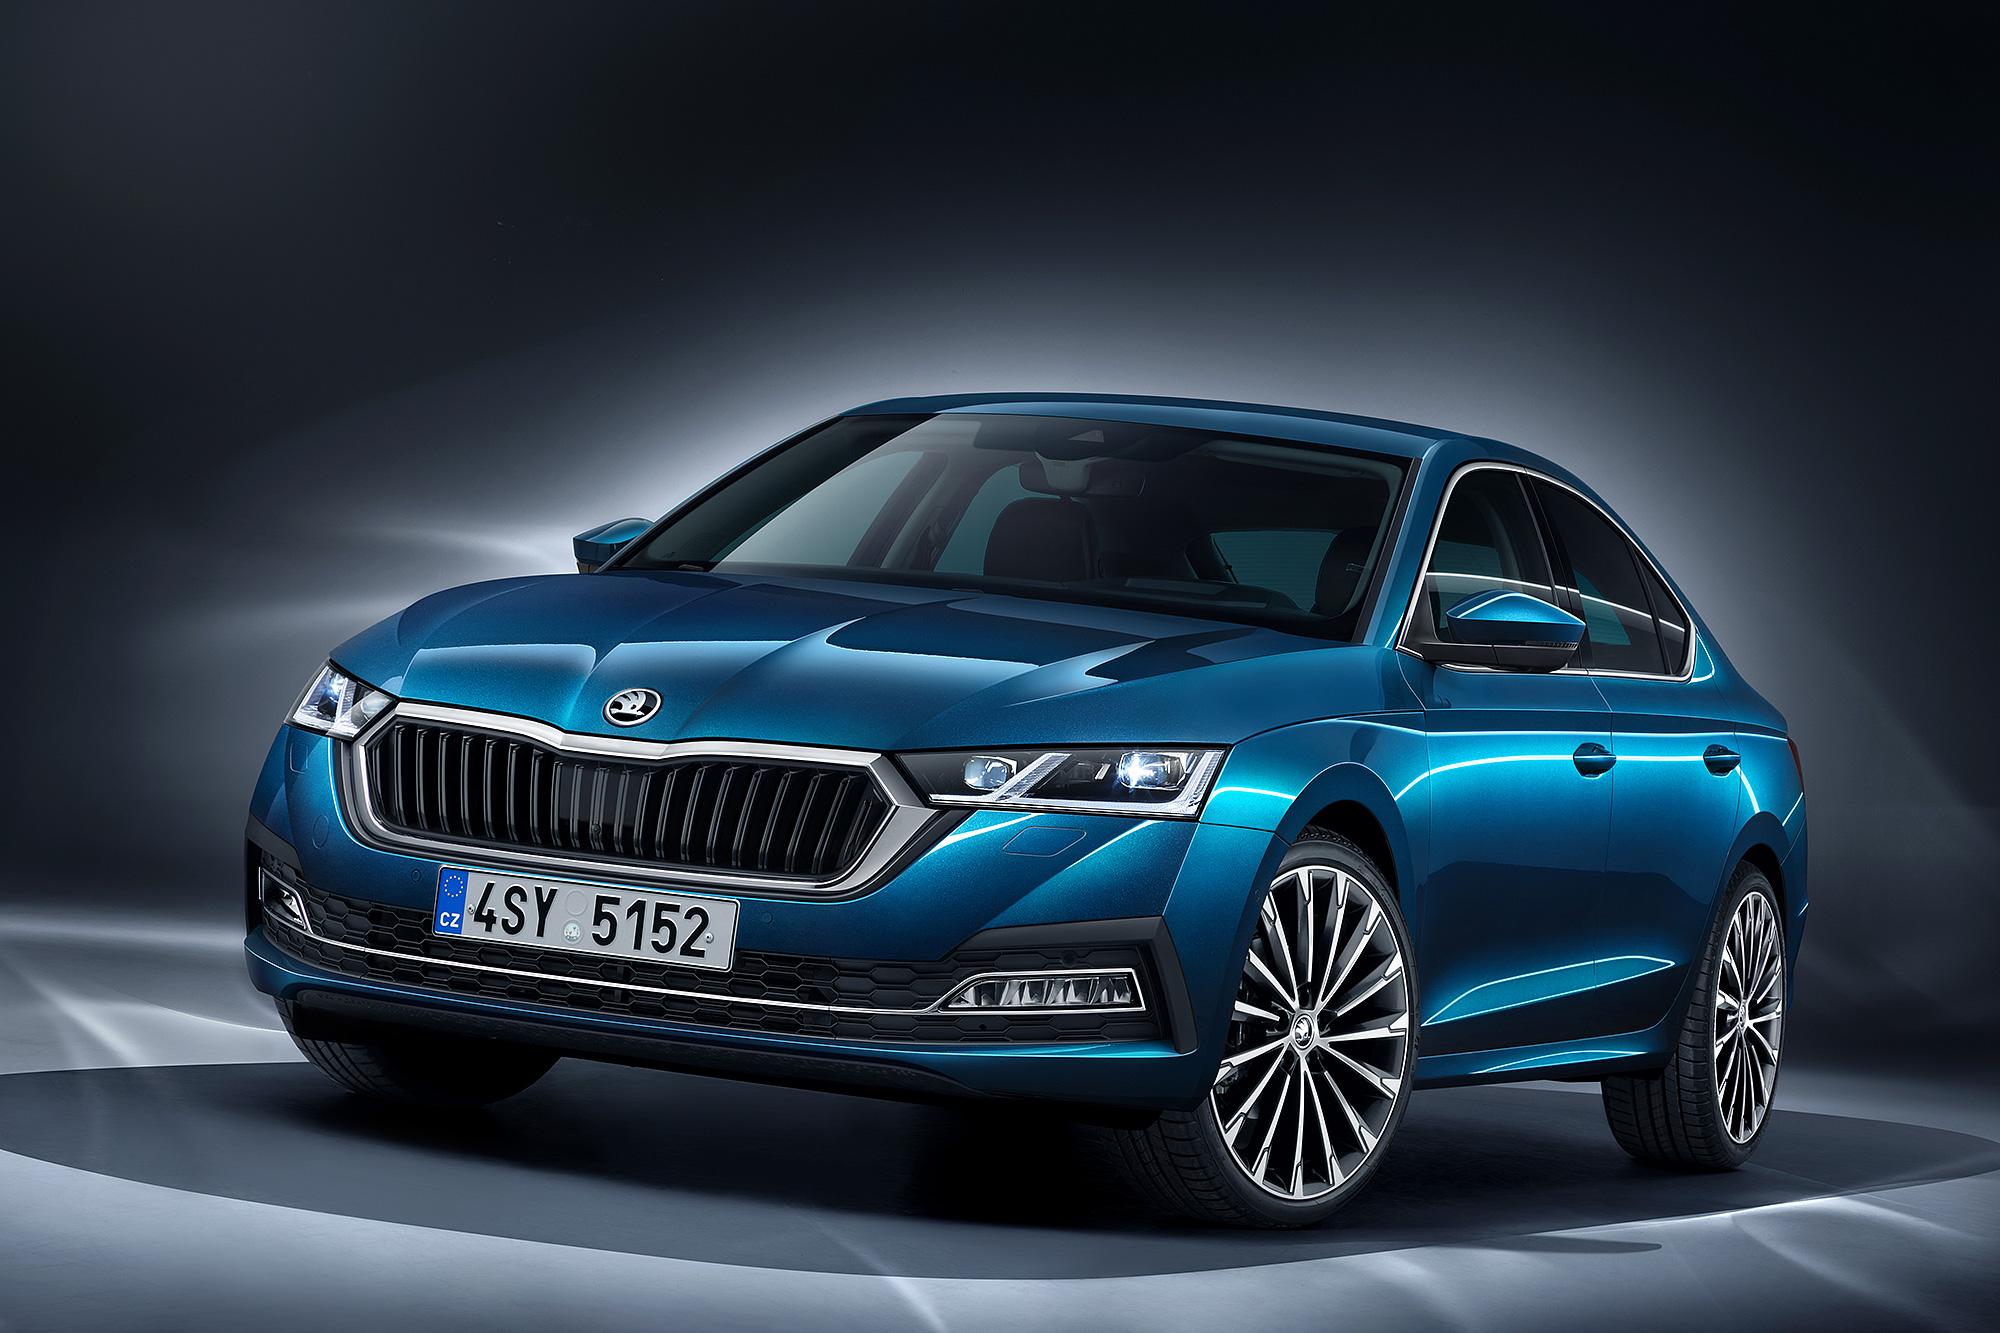 第四代 Octavia 外觀設計以 Škoda 新世代設計語言為主軸。